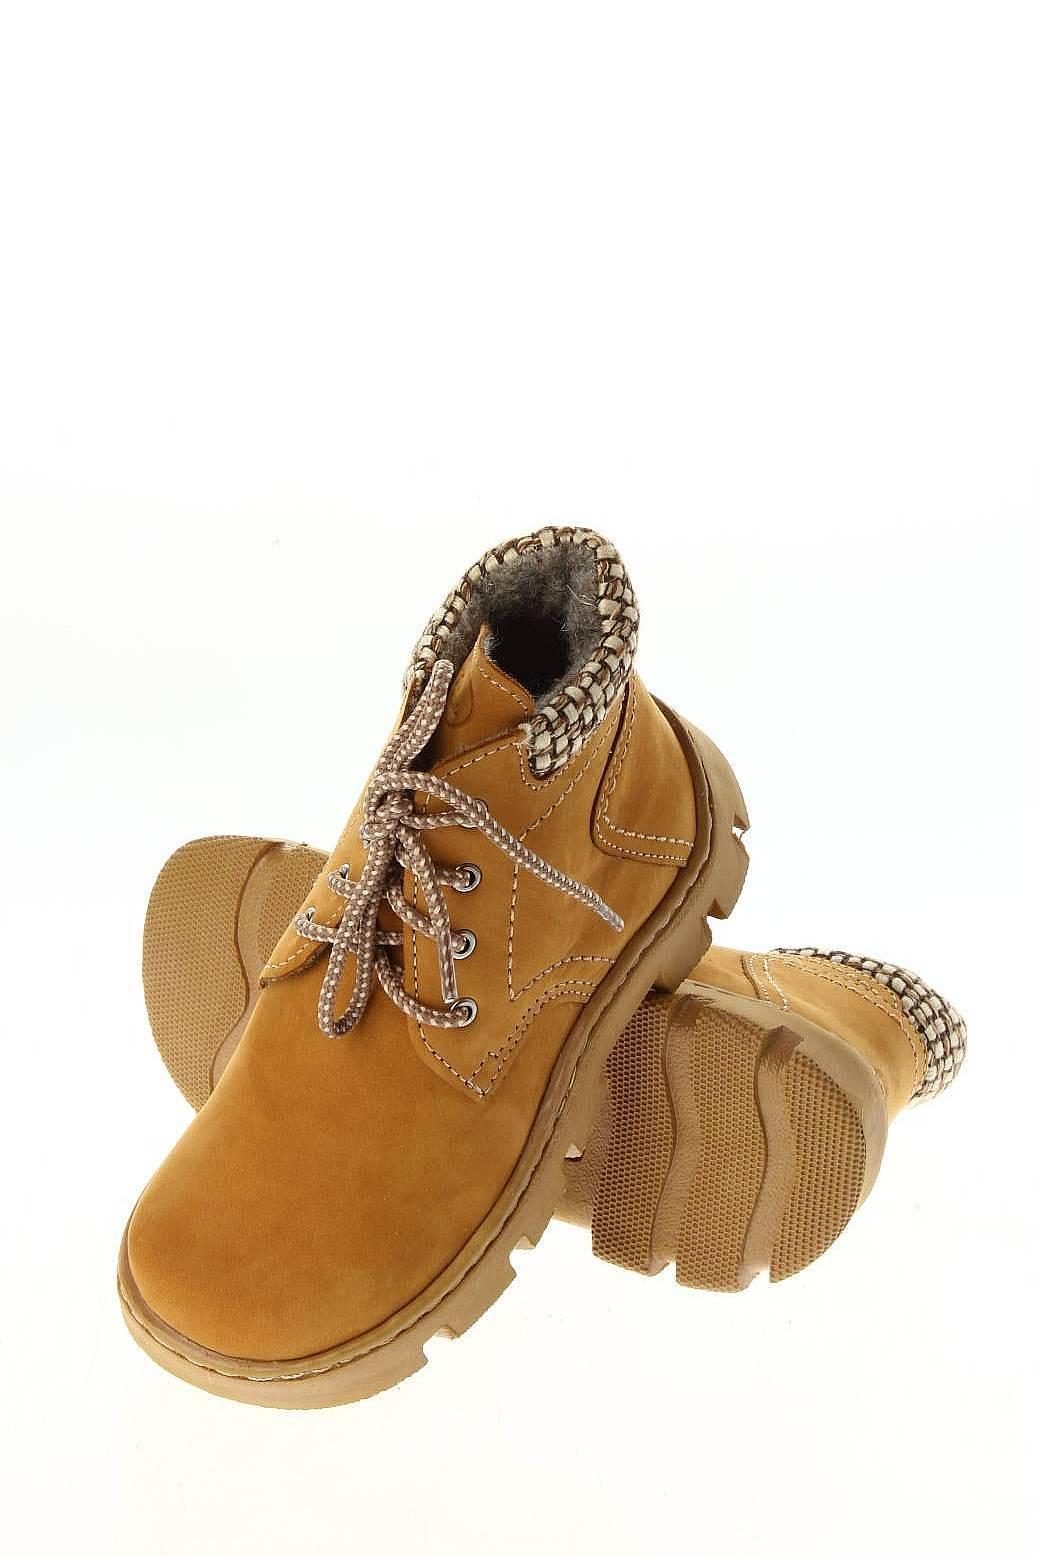 Мужская Обувь Детская Обувь Ботинки: Фома Обувь